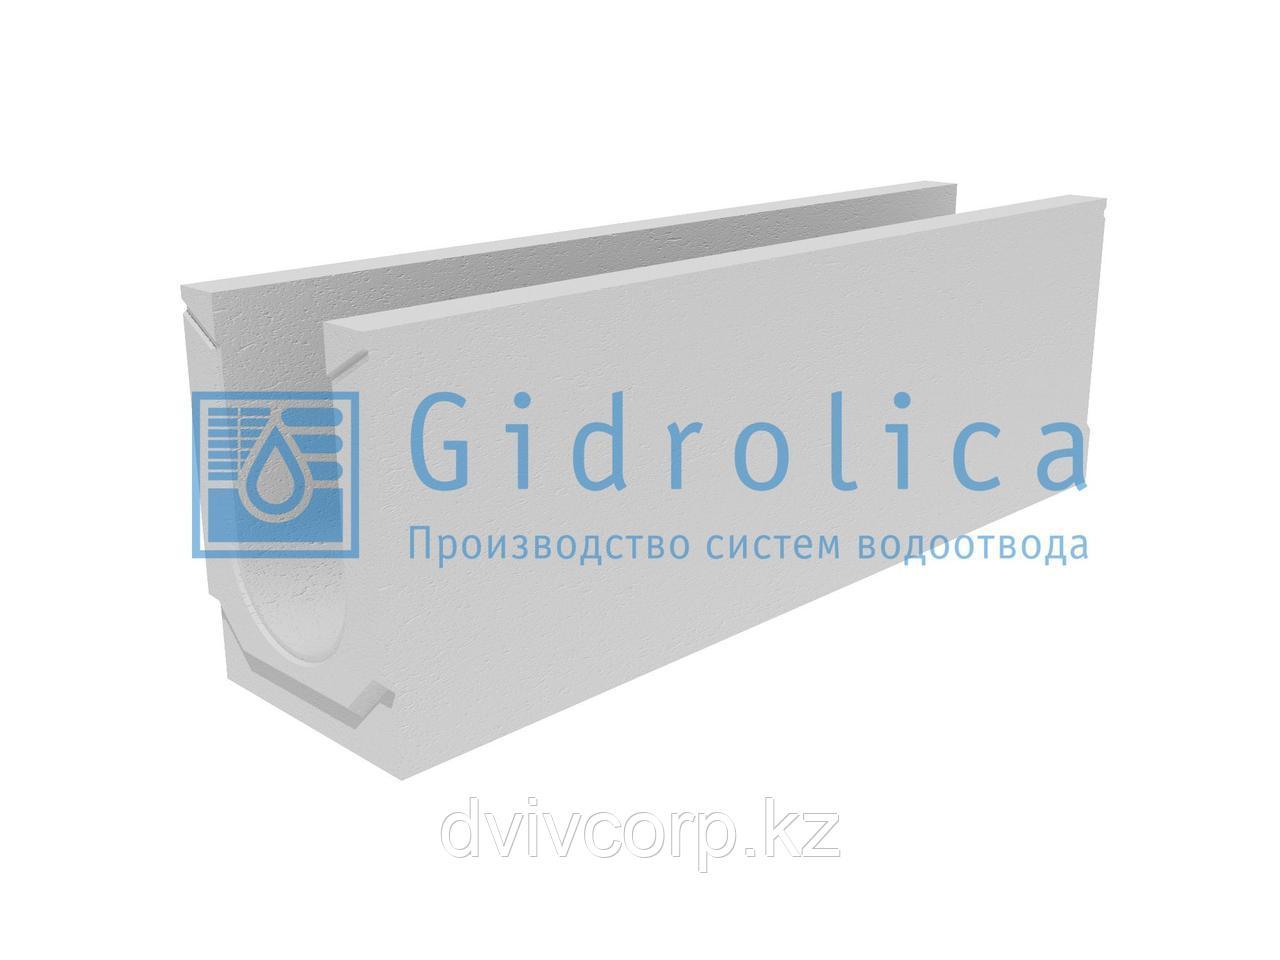 Лоток водоотводный бетонный коробчатый (СО-150мм), с уклоном 0,5%  КUу 100.24,8 (15).34(27,5)-BGU, № 20